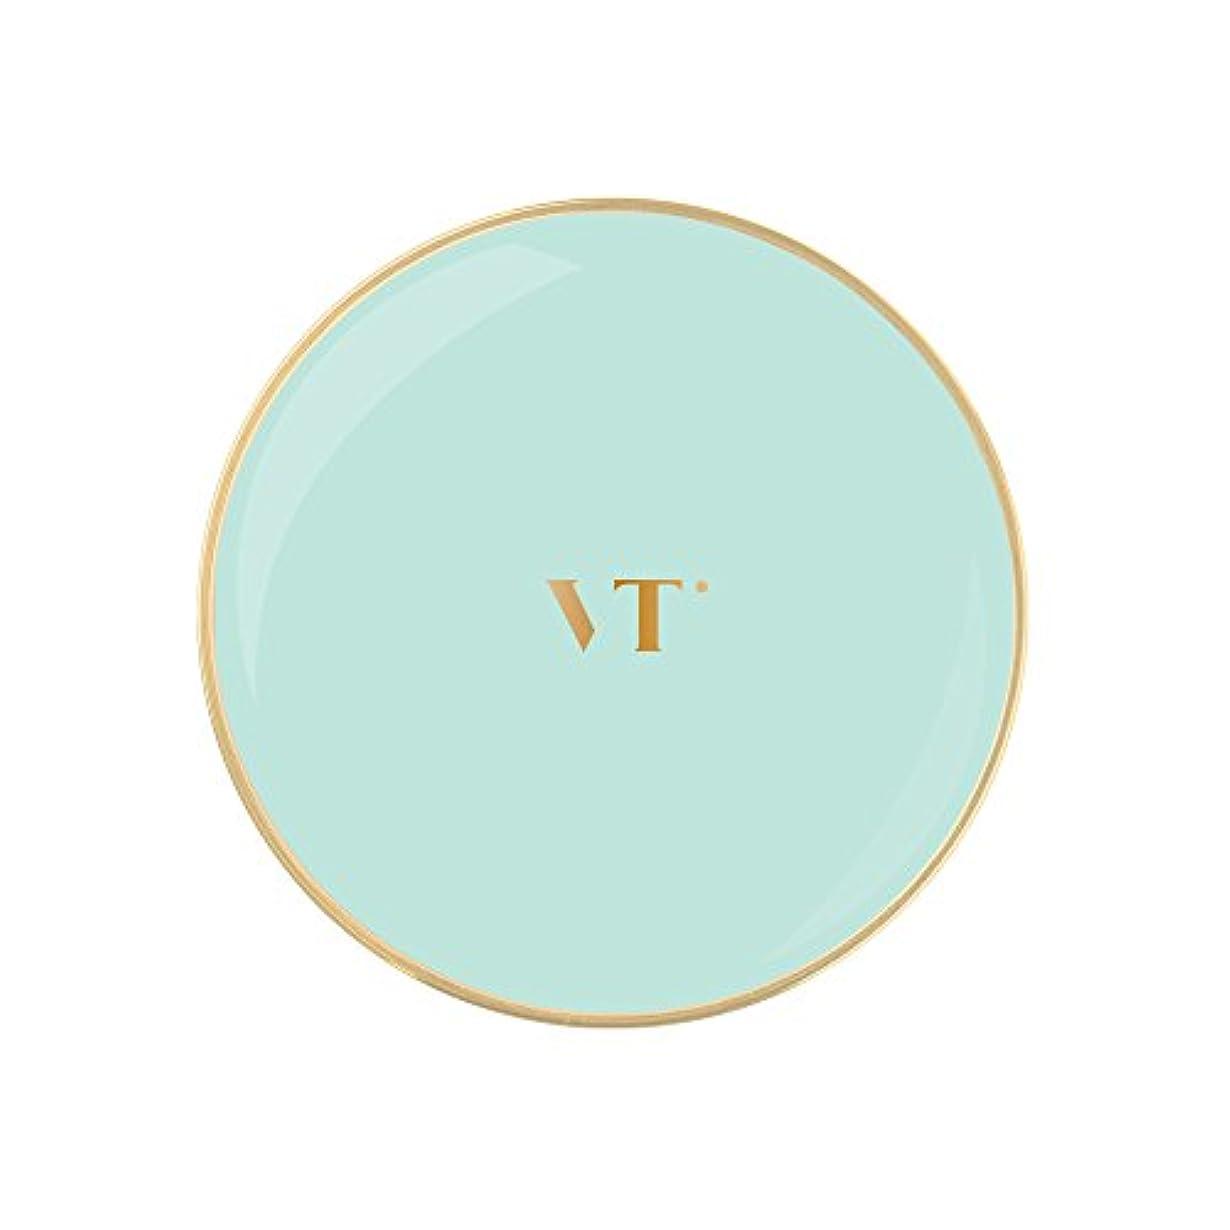 敷居大統領酸化物VT Blue Collagen Pact 11g/ブイティー ブルー コラーゲン パクト 11g (#23) [並行輸入品]